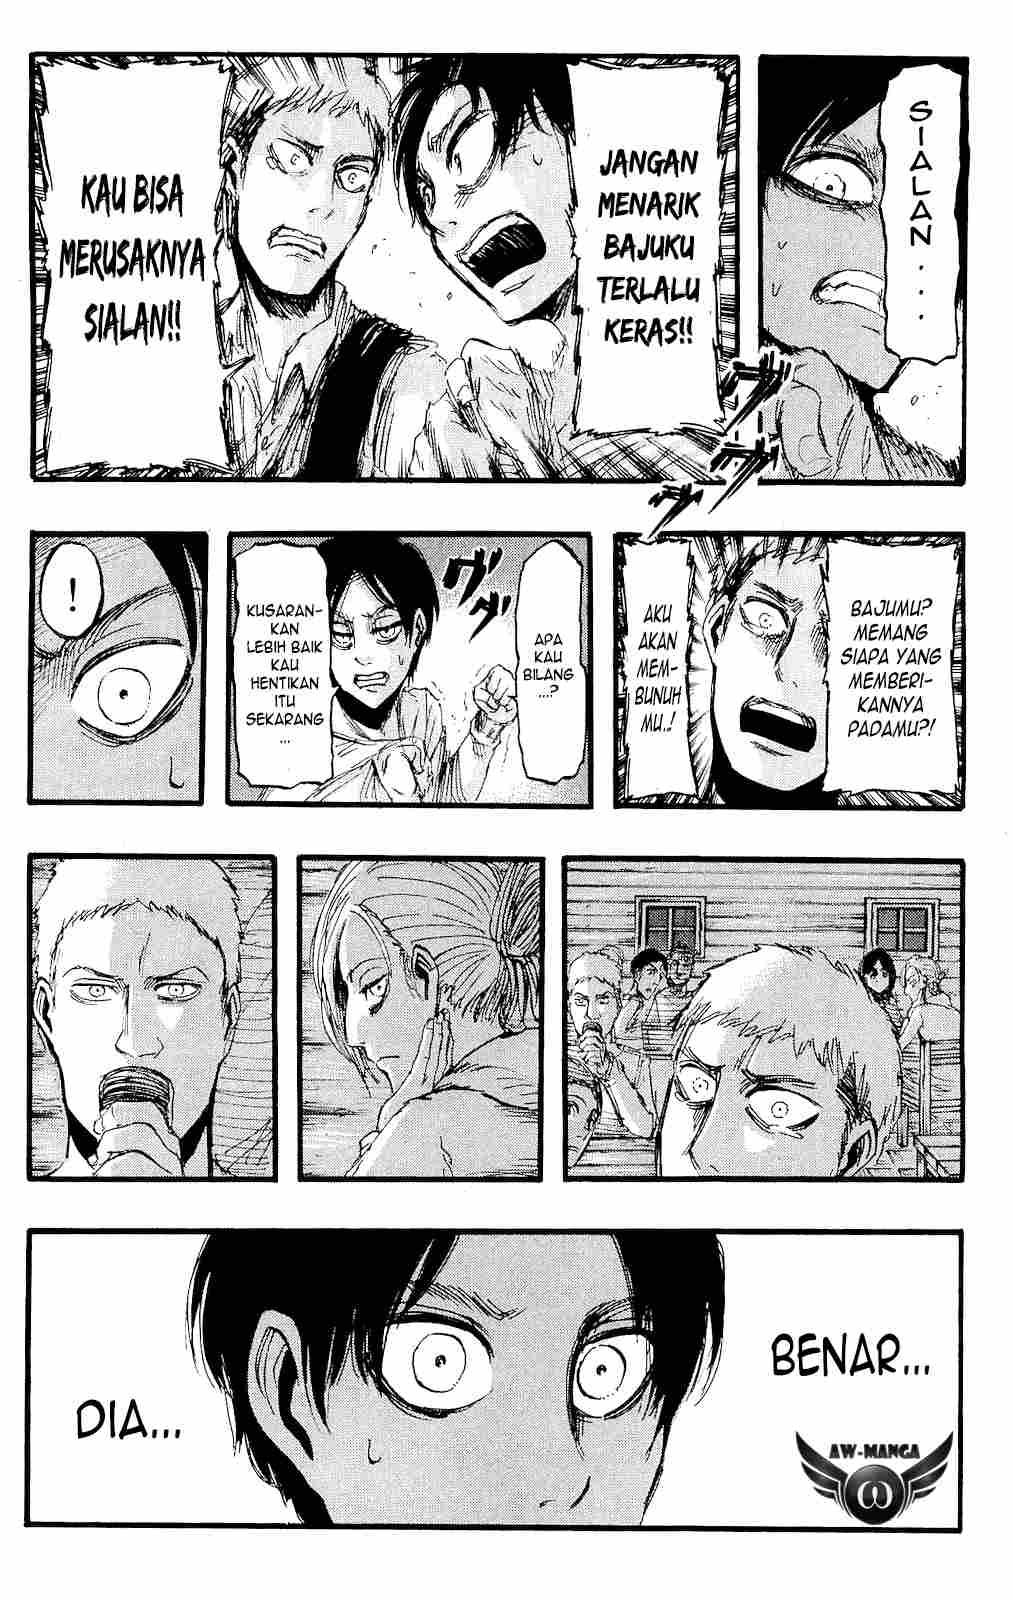 Komik shingeki no kyojin 017 - ilusi dari kekuatan 18 Indonesia shingeki no kyojin 017 - ilusi dari kekuatan Terbaru 26|Baca Manga Komik Indonesia|